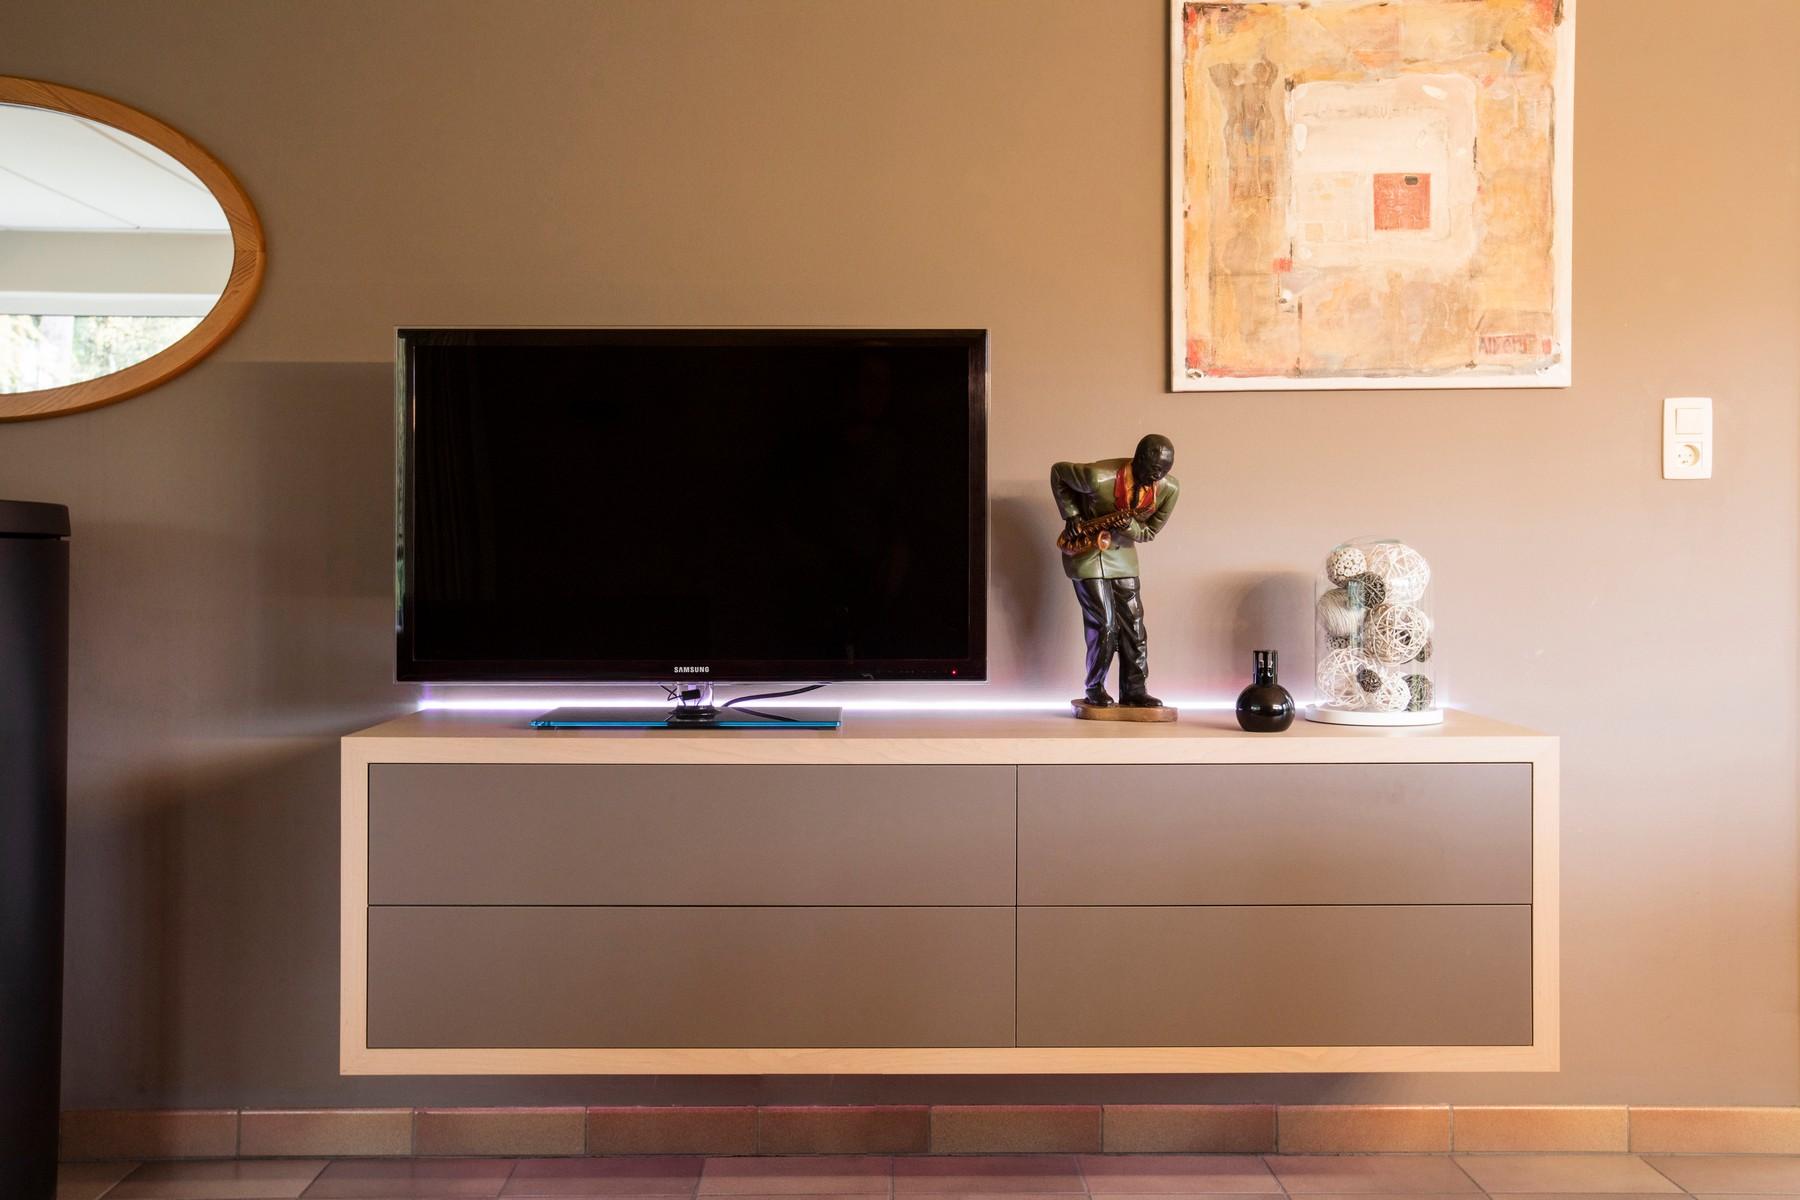 Strak Houten Tv Meubel.Tv Meubels Robin Theuns 5 Generaties Fijn Vakmanschap In Hout